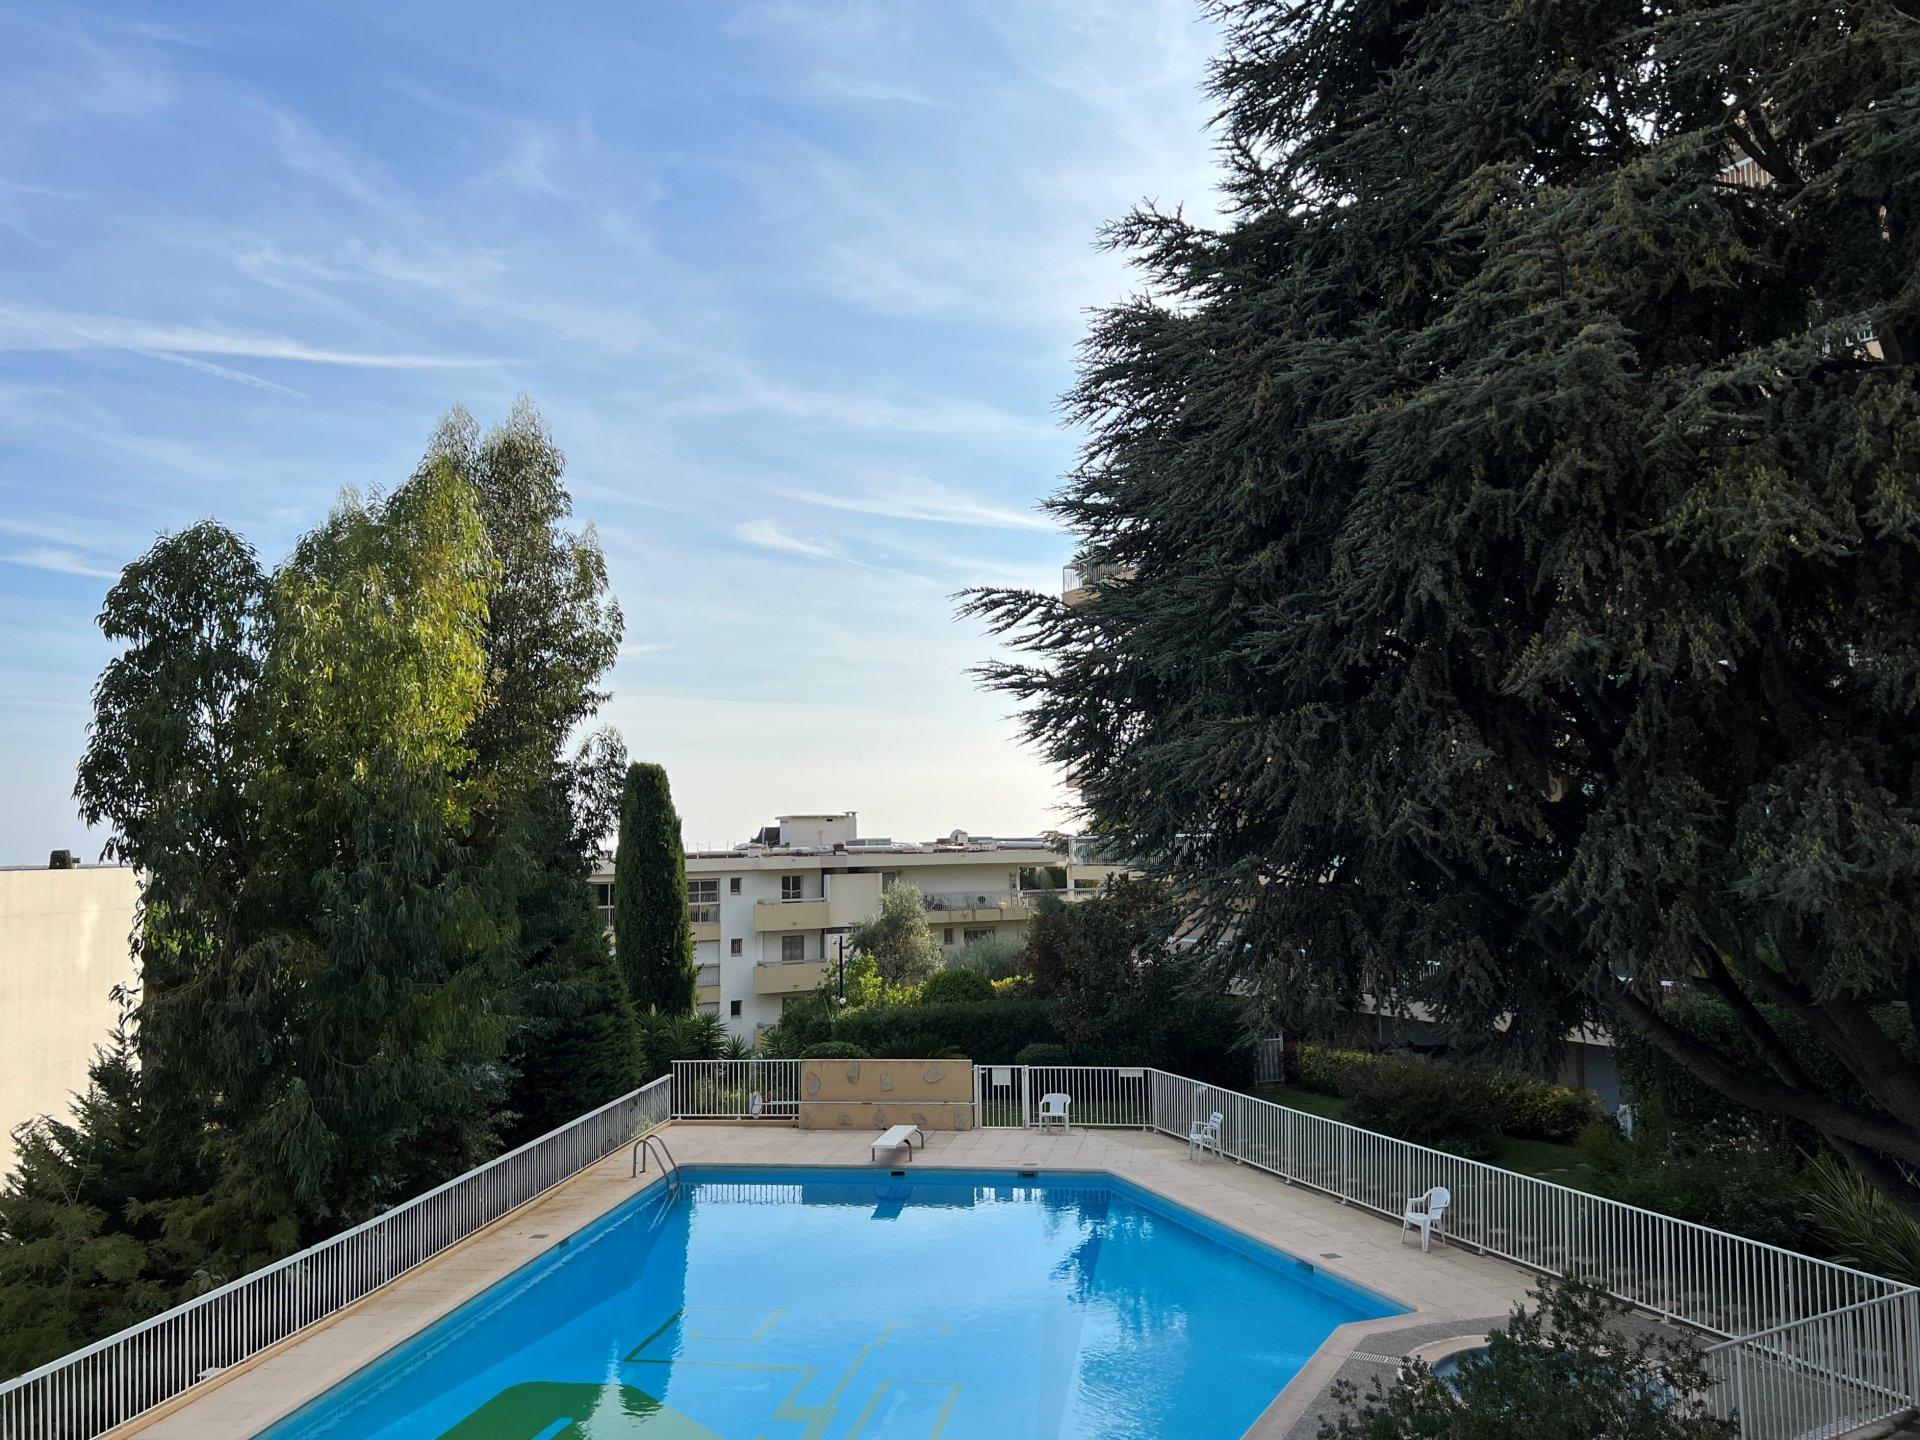 CHAMBRUN/GAIRAUT - 2/3 Pièces en étage élevé, résidence avec piscine